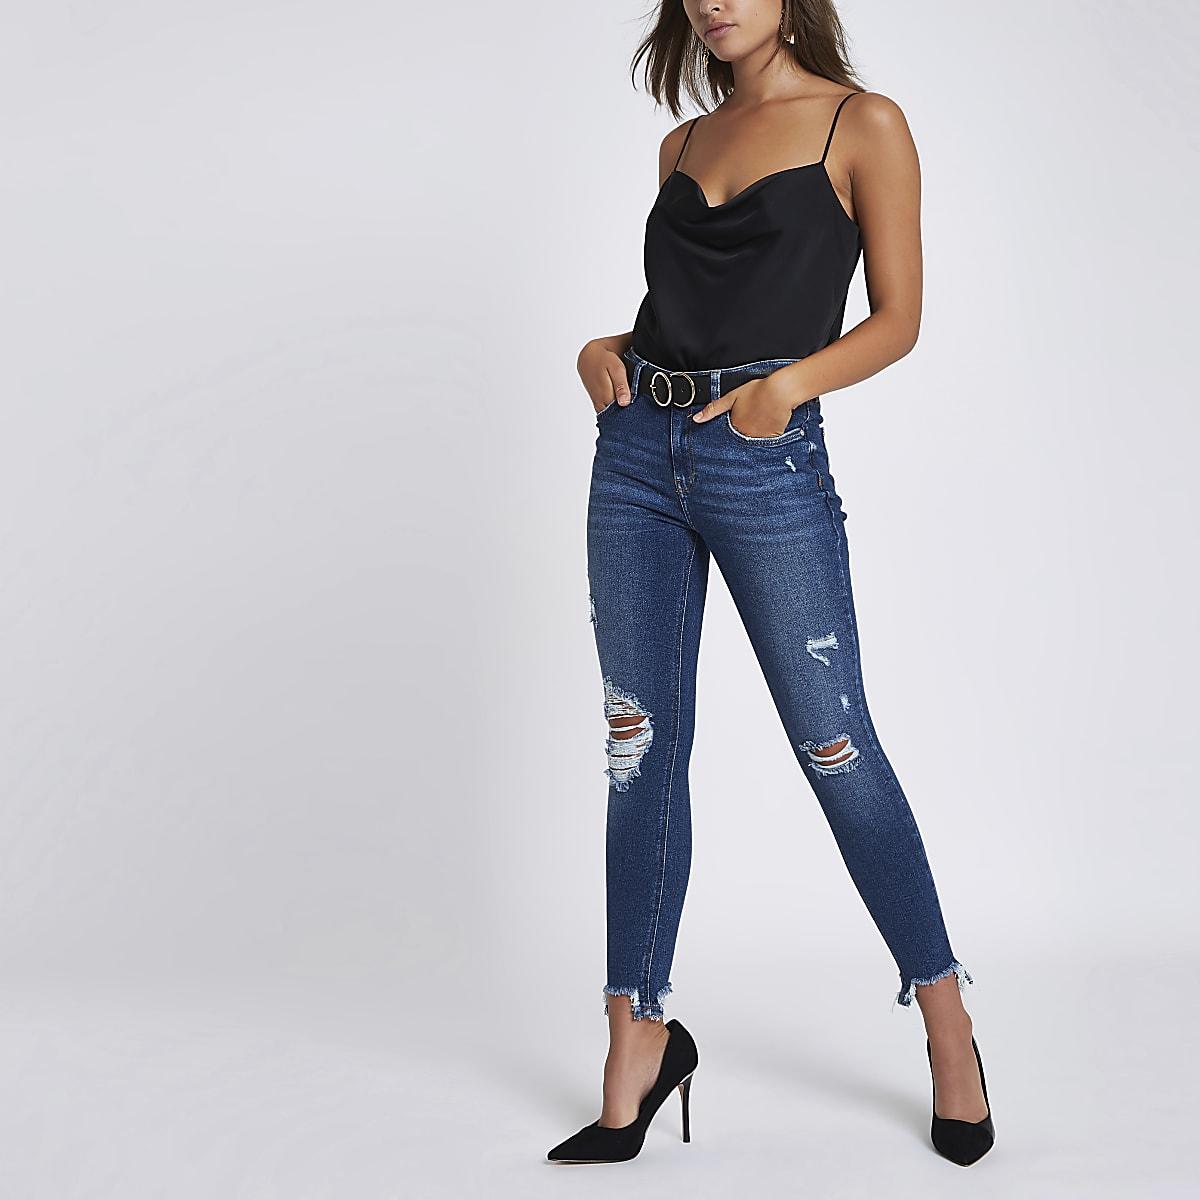 1655e3f9ade124 Amelie - Blauwe ripped skinny jeans met gerafelde zoom - Skinny ...